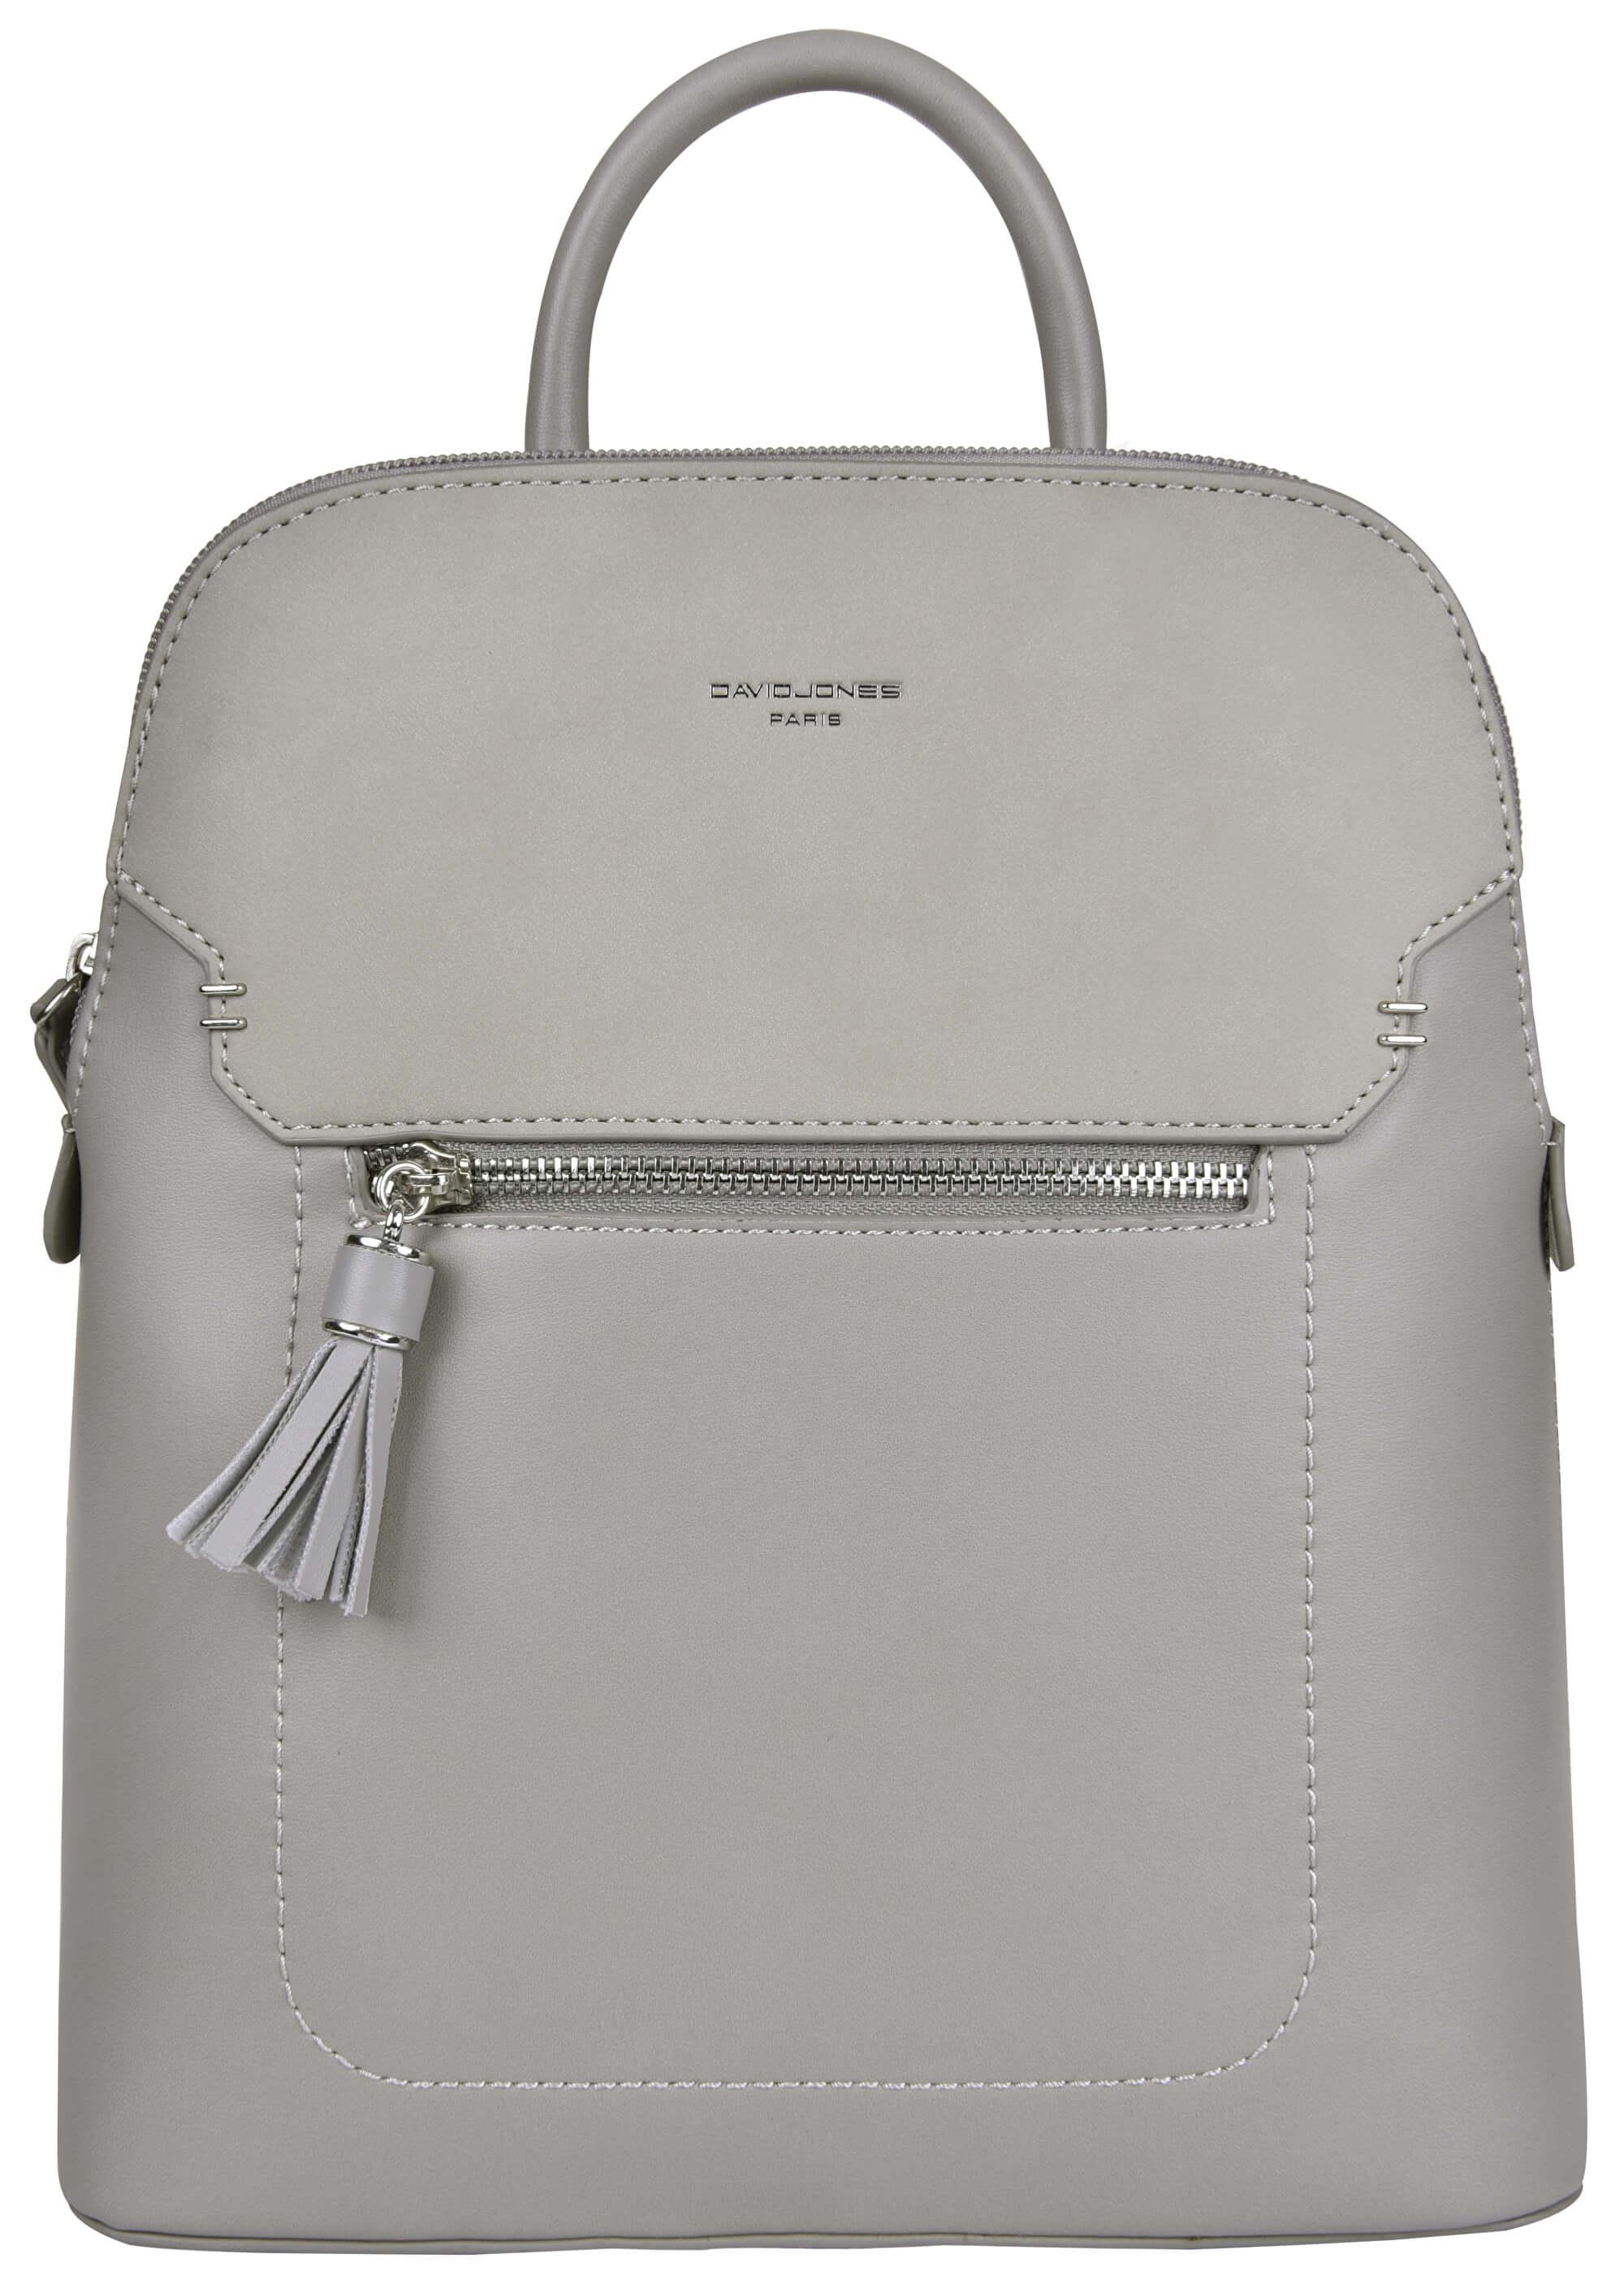 David Jones Női hátizsák Grey 5915-2  4d48682320